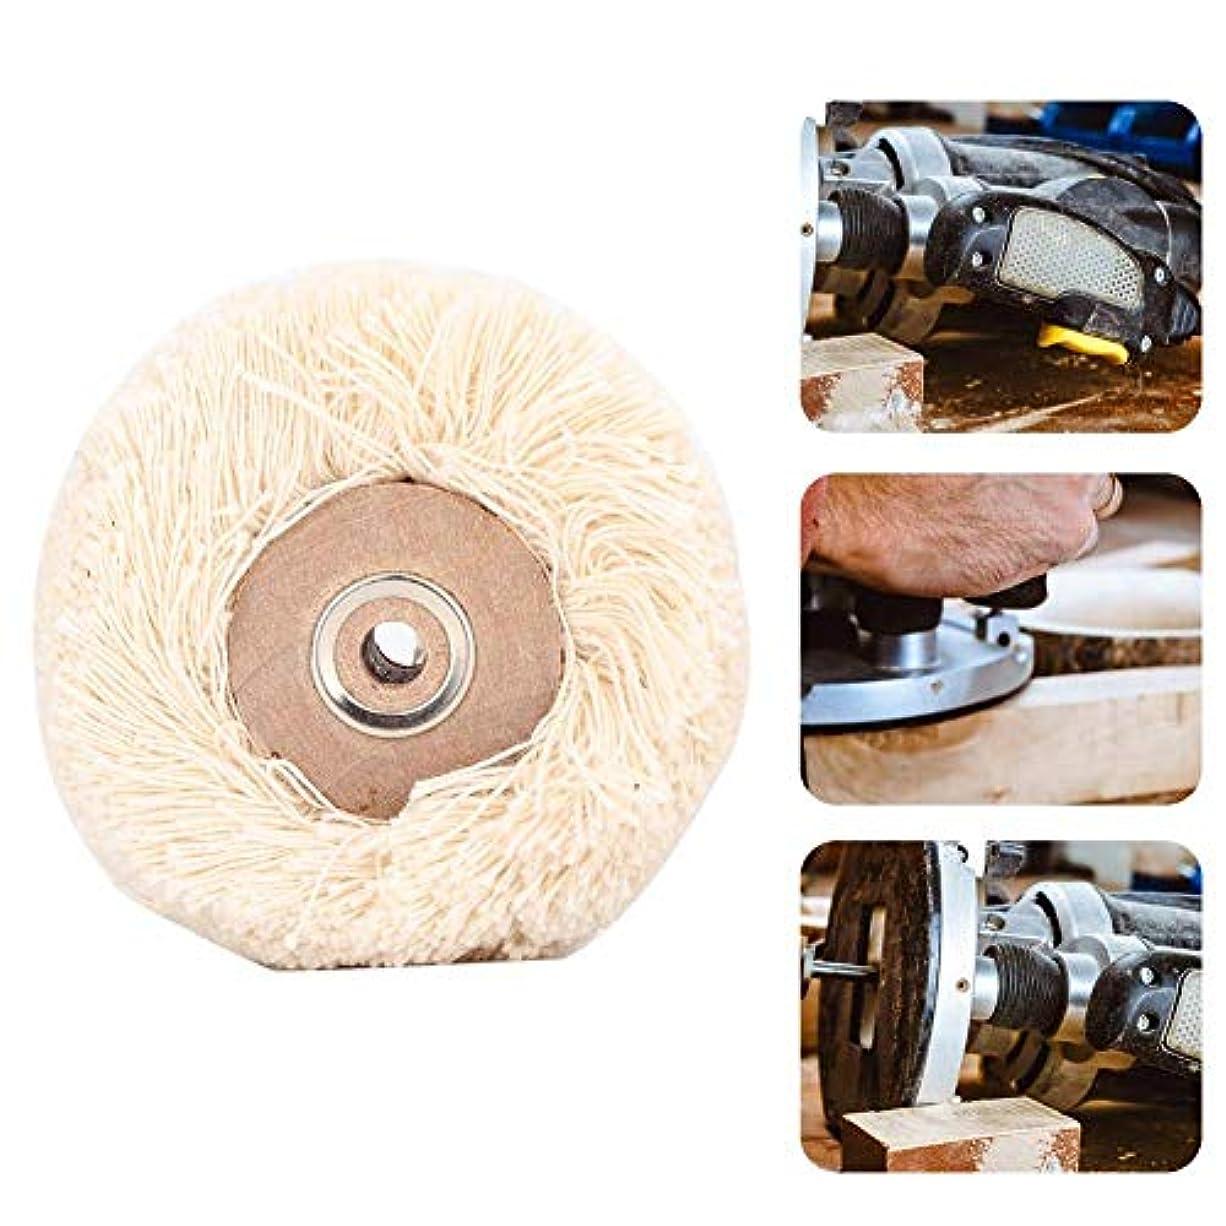 レタス唯一内側研磨ヘッド 回転工具 研磨ドリルグラインダーホイールブラシジュエリー研磨工具(M)